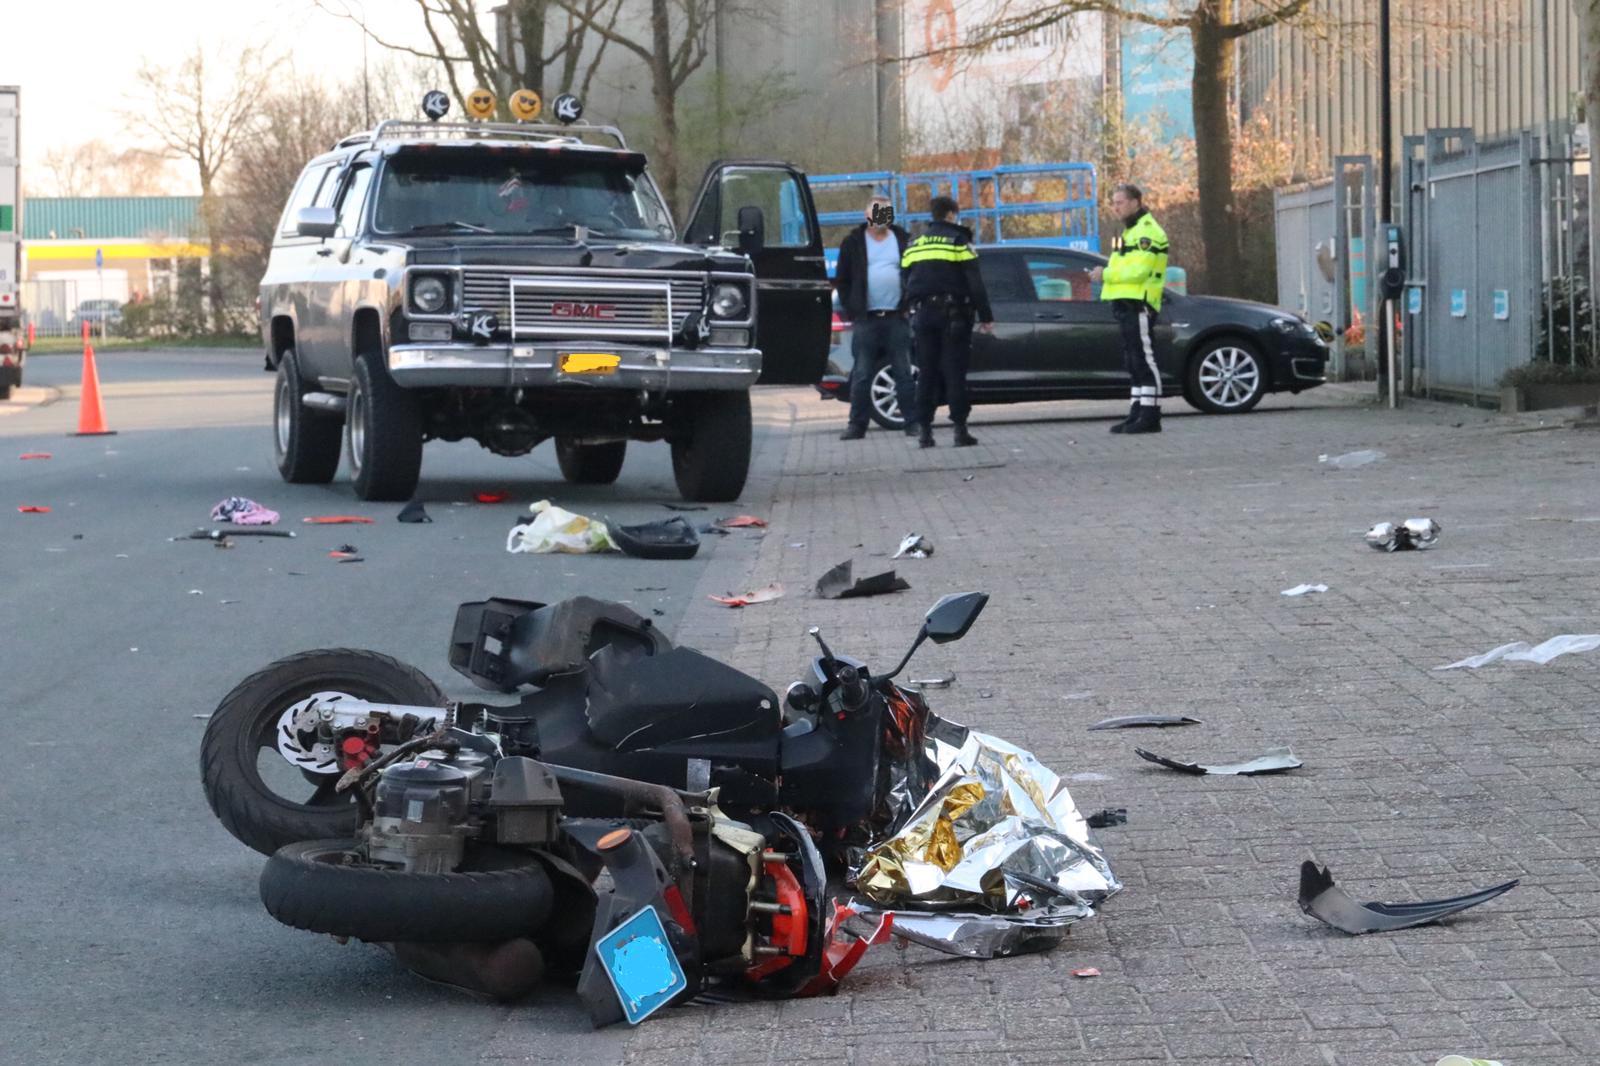 Scooterrijder zwaargewond na ongeluk op Sint Maarten in Apeldoorn